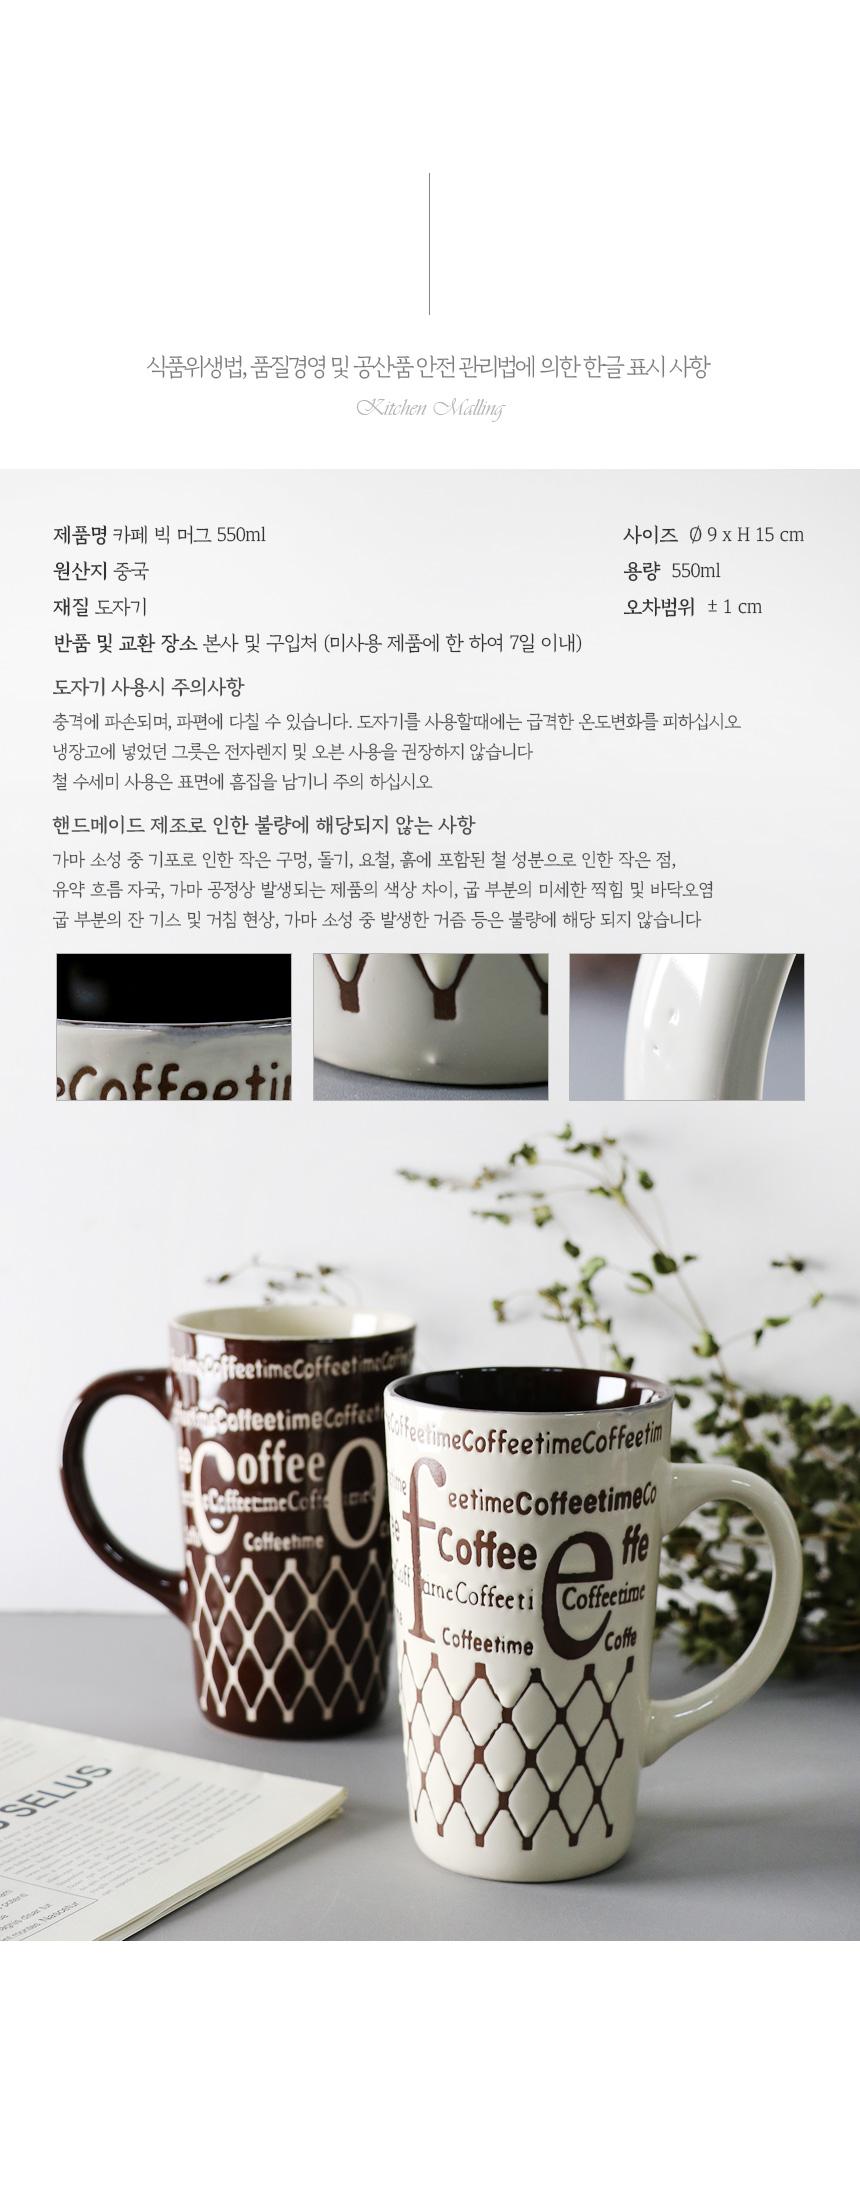 카페 빅 머그컵 1P - 키친몰링, 5,200원, 머그컵, 심플머그